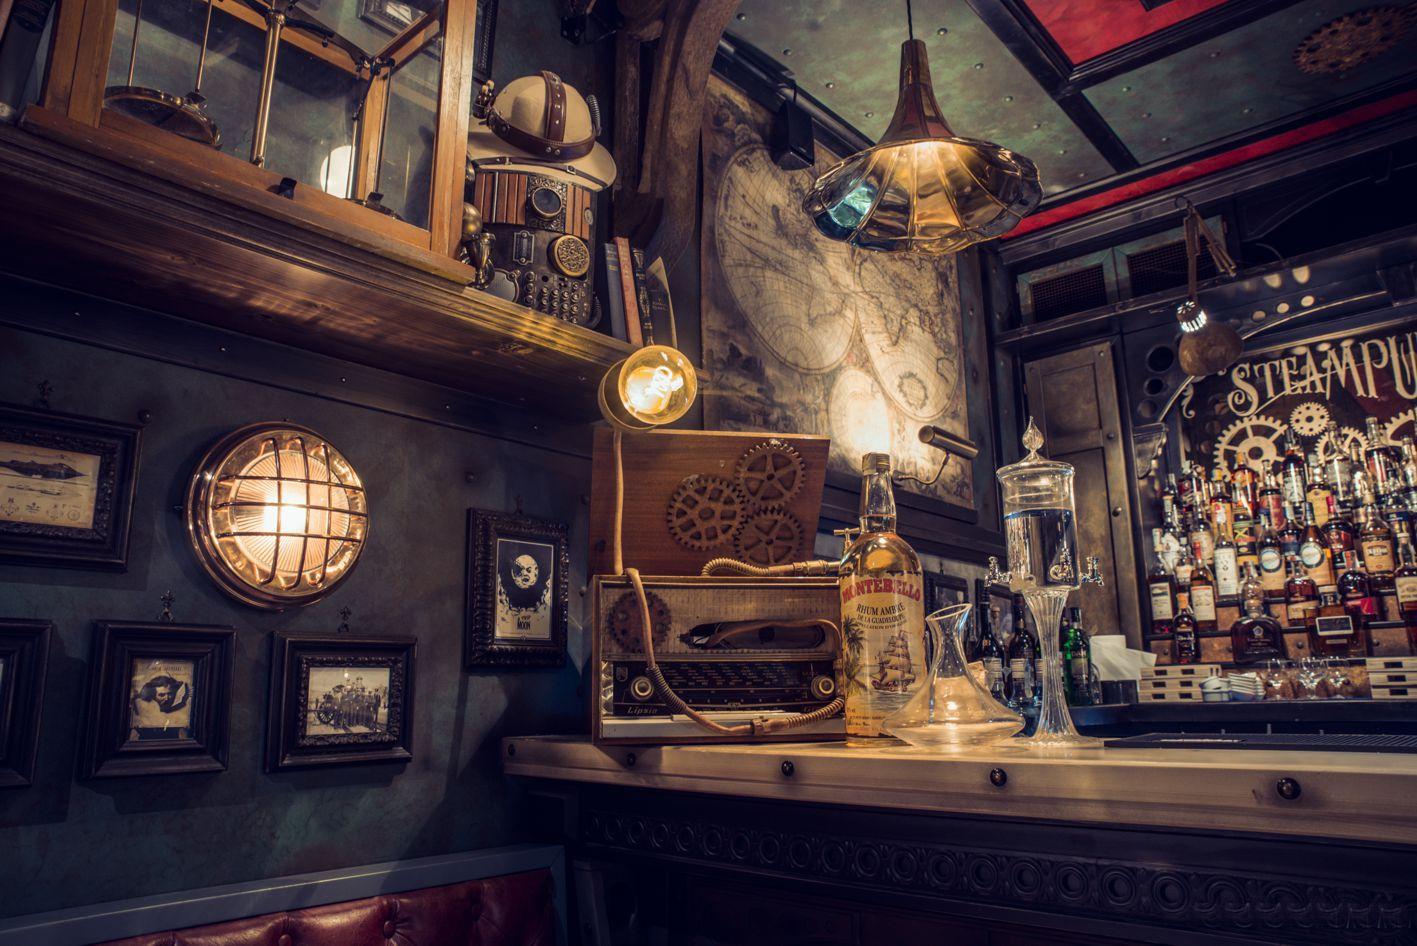 Steampunk archivi arredamento per pub realizzazione di for Arredamento pub inglese